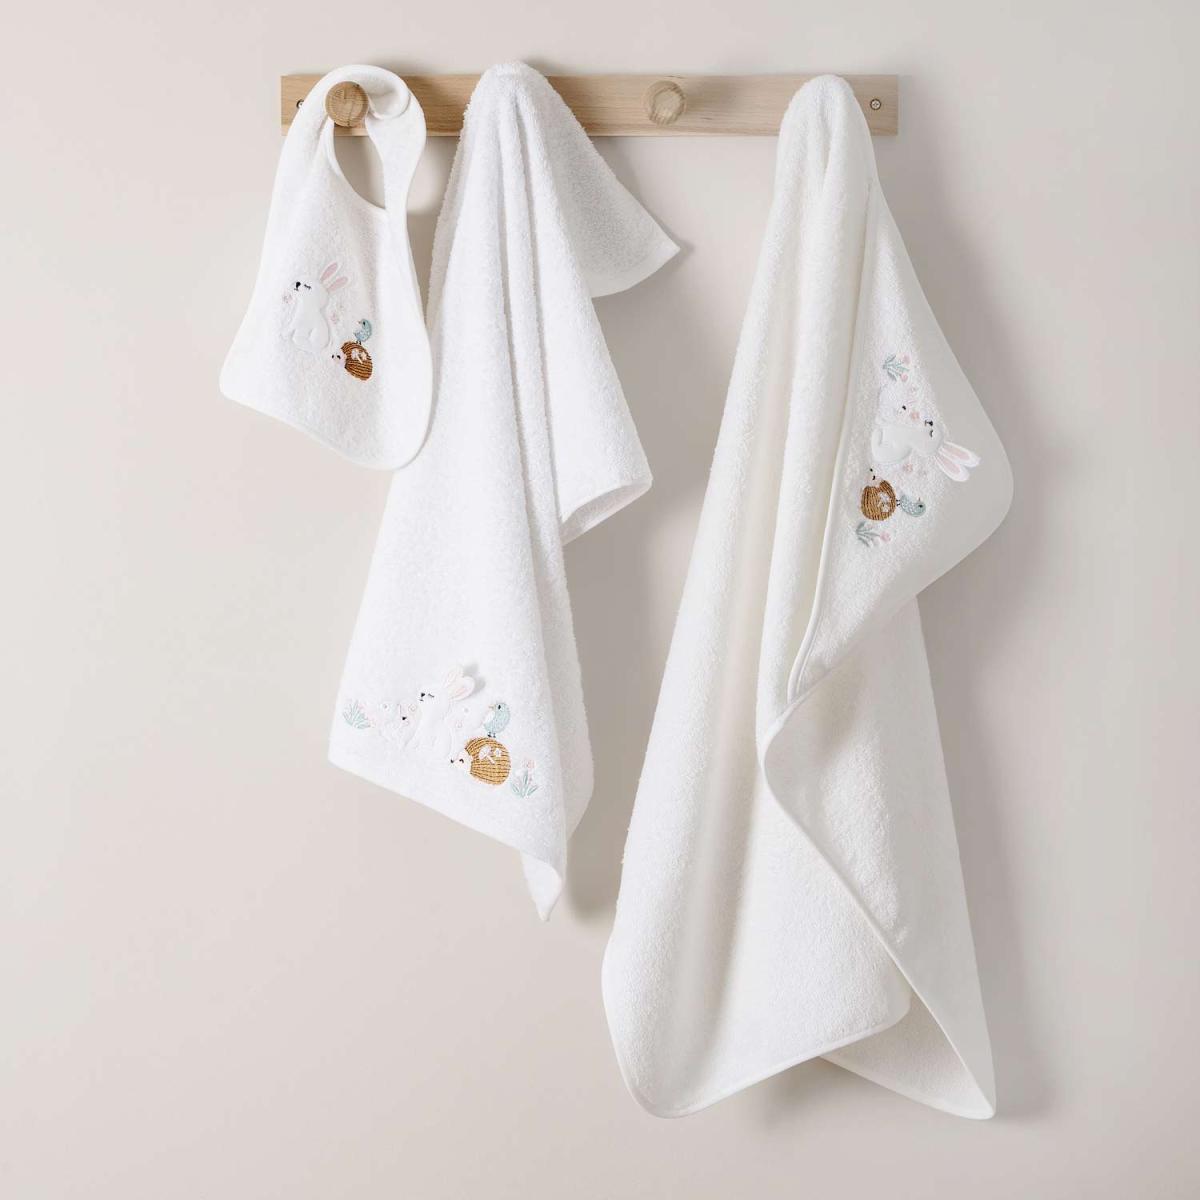 Set Lapinou | Bed linen | Tradition des Vosges